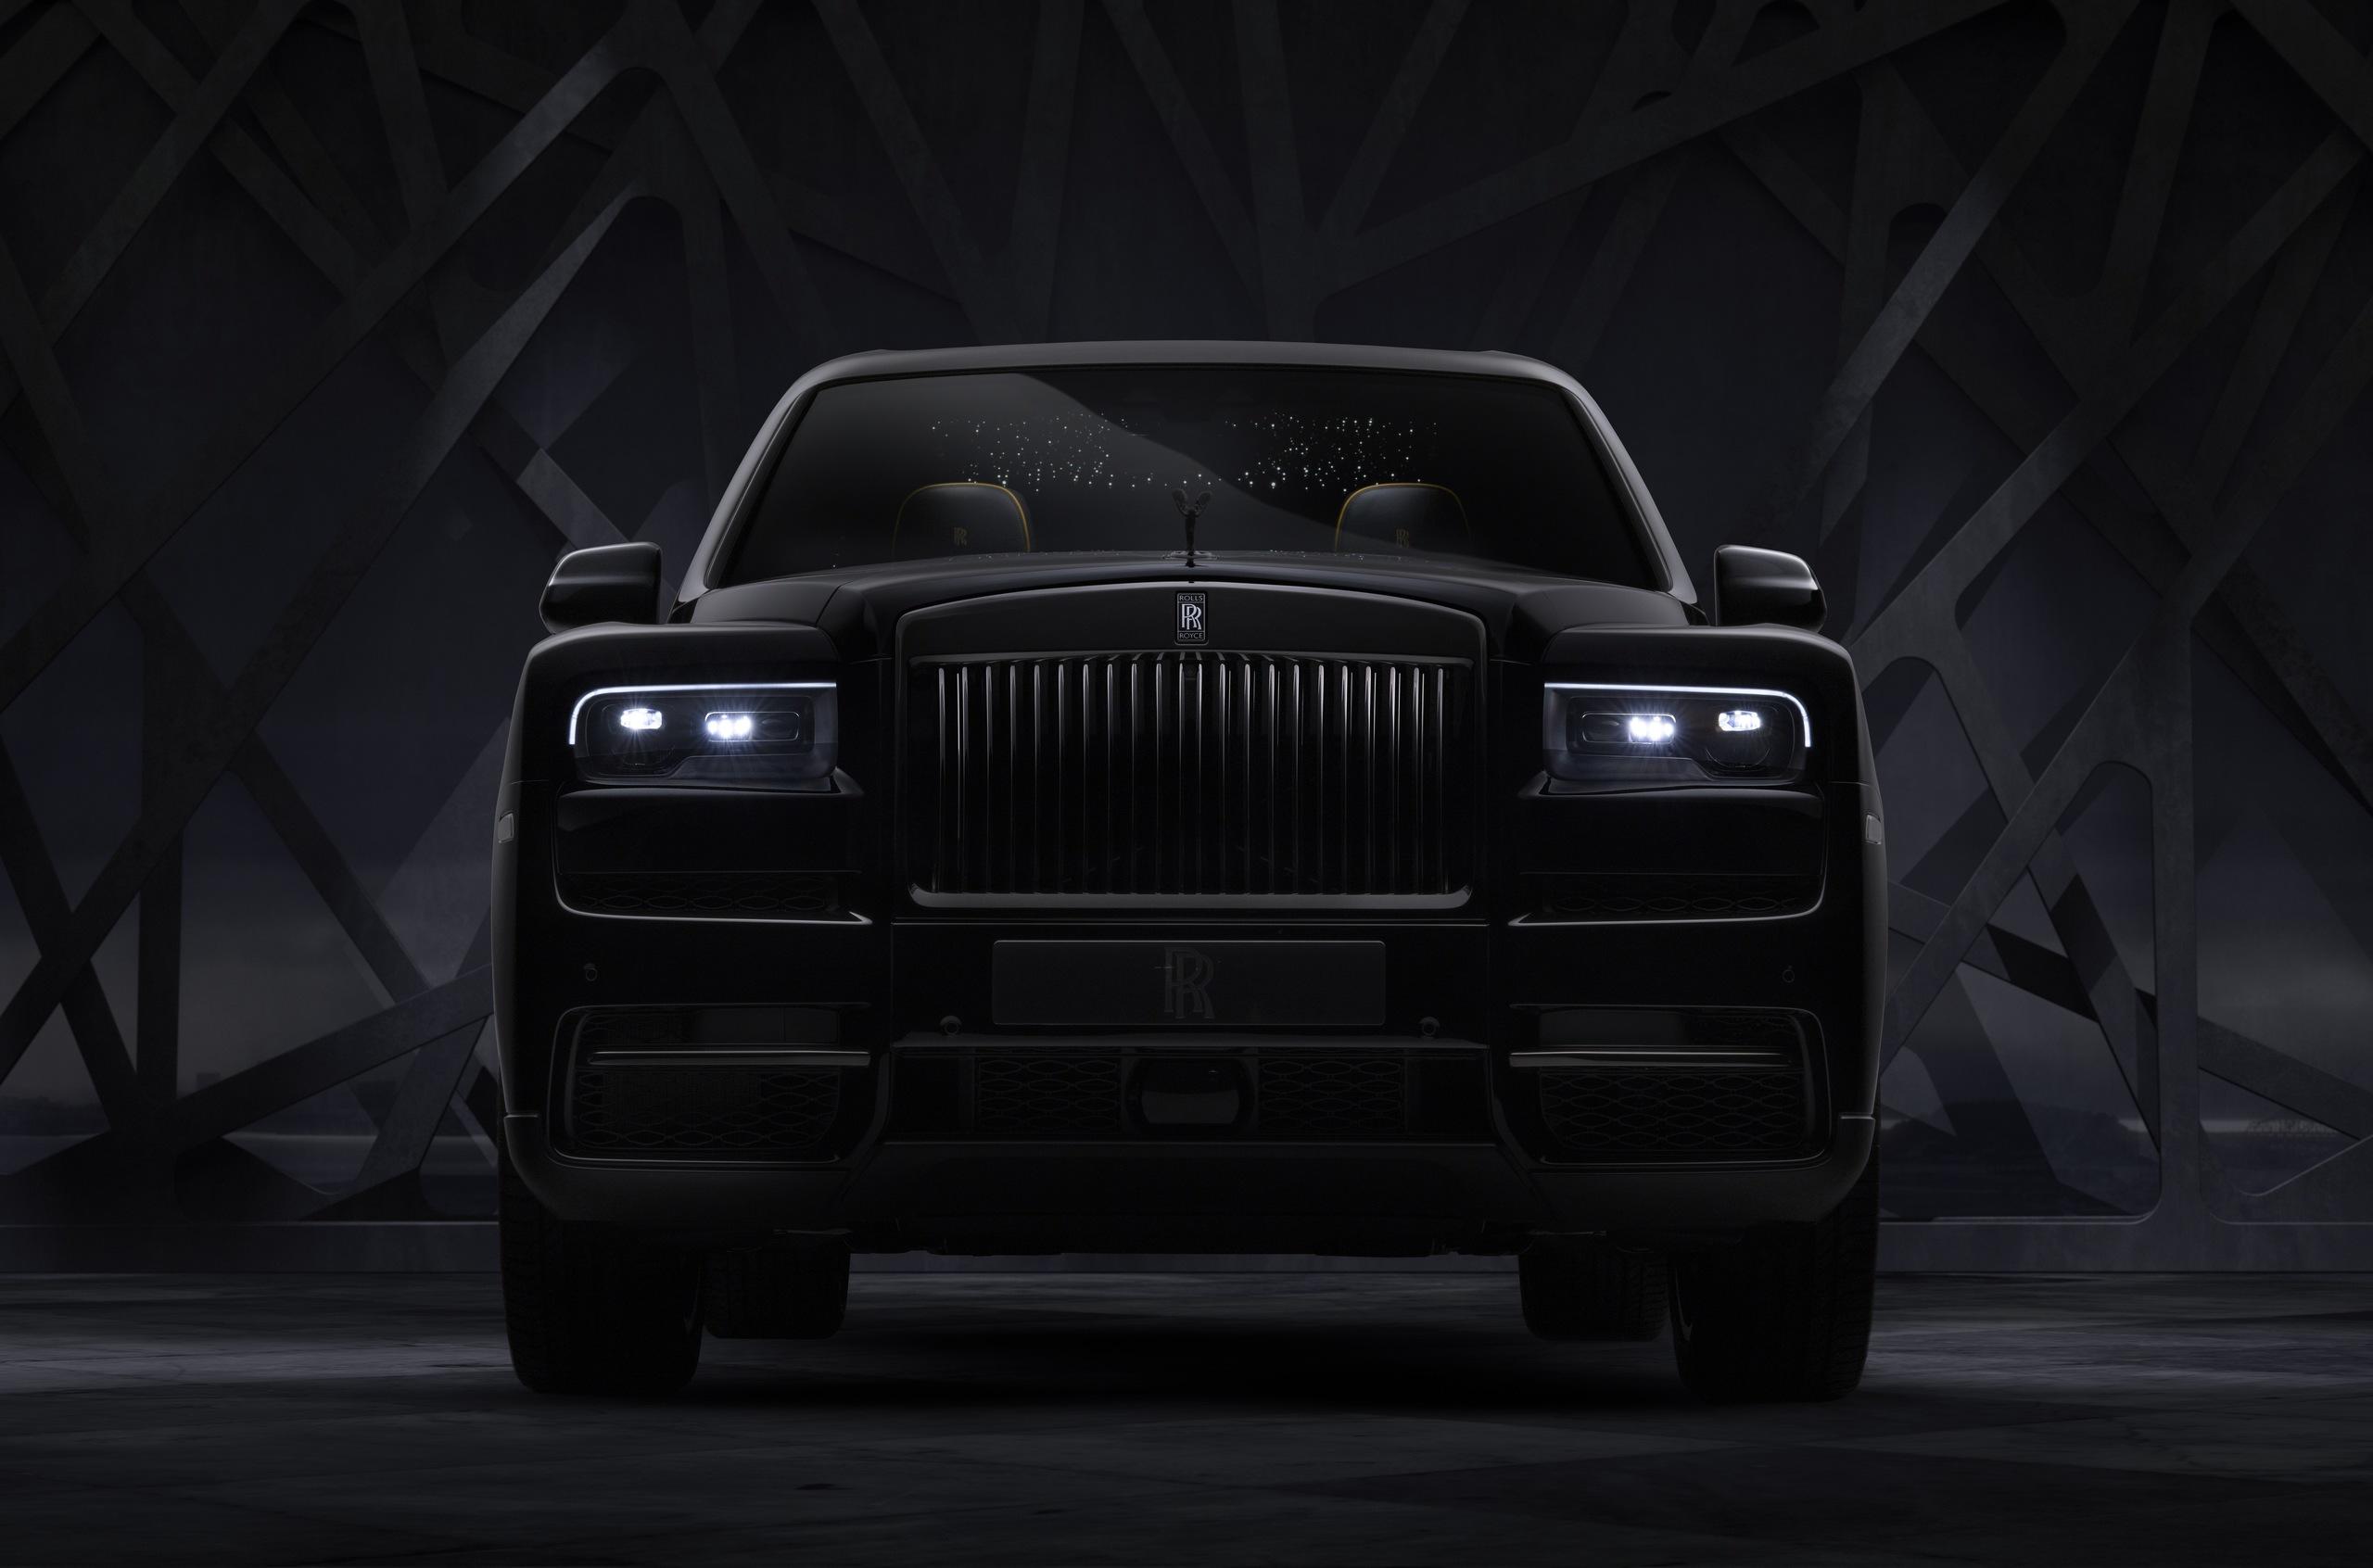 Rolls-Royce пополнил линейку Black Badge кроссовером Cullinan. Спецверсия получила форсированный движок, перенастроенную ходовую и «звездный» потолок.